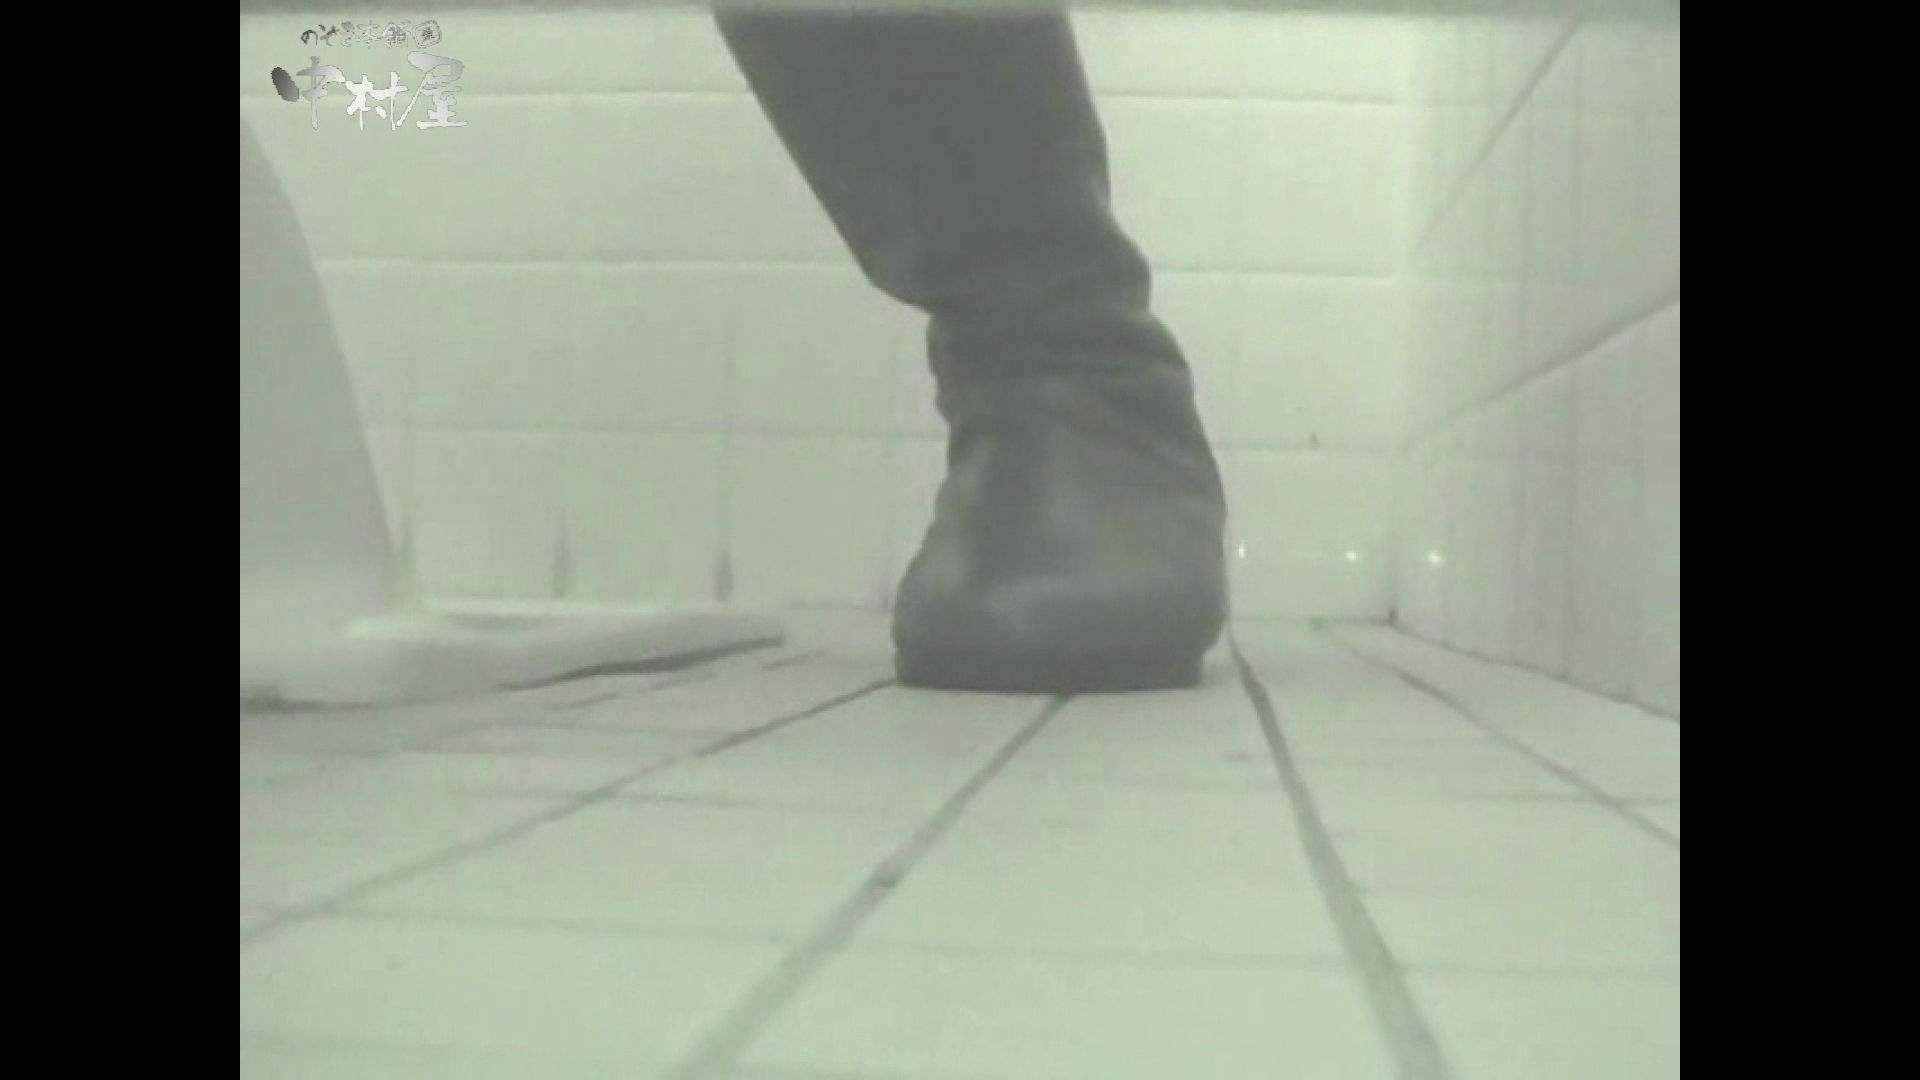 女子トイレ盗撮若い嬢編vol.15 トイレの中まで | 厠の中で 盗撮 11枚 1